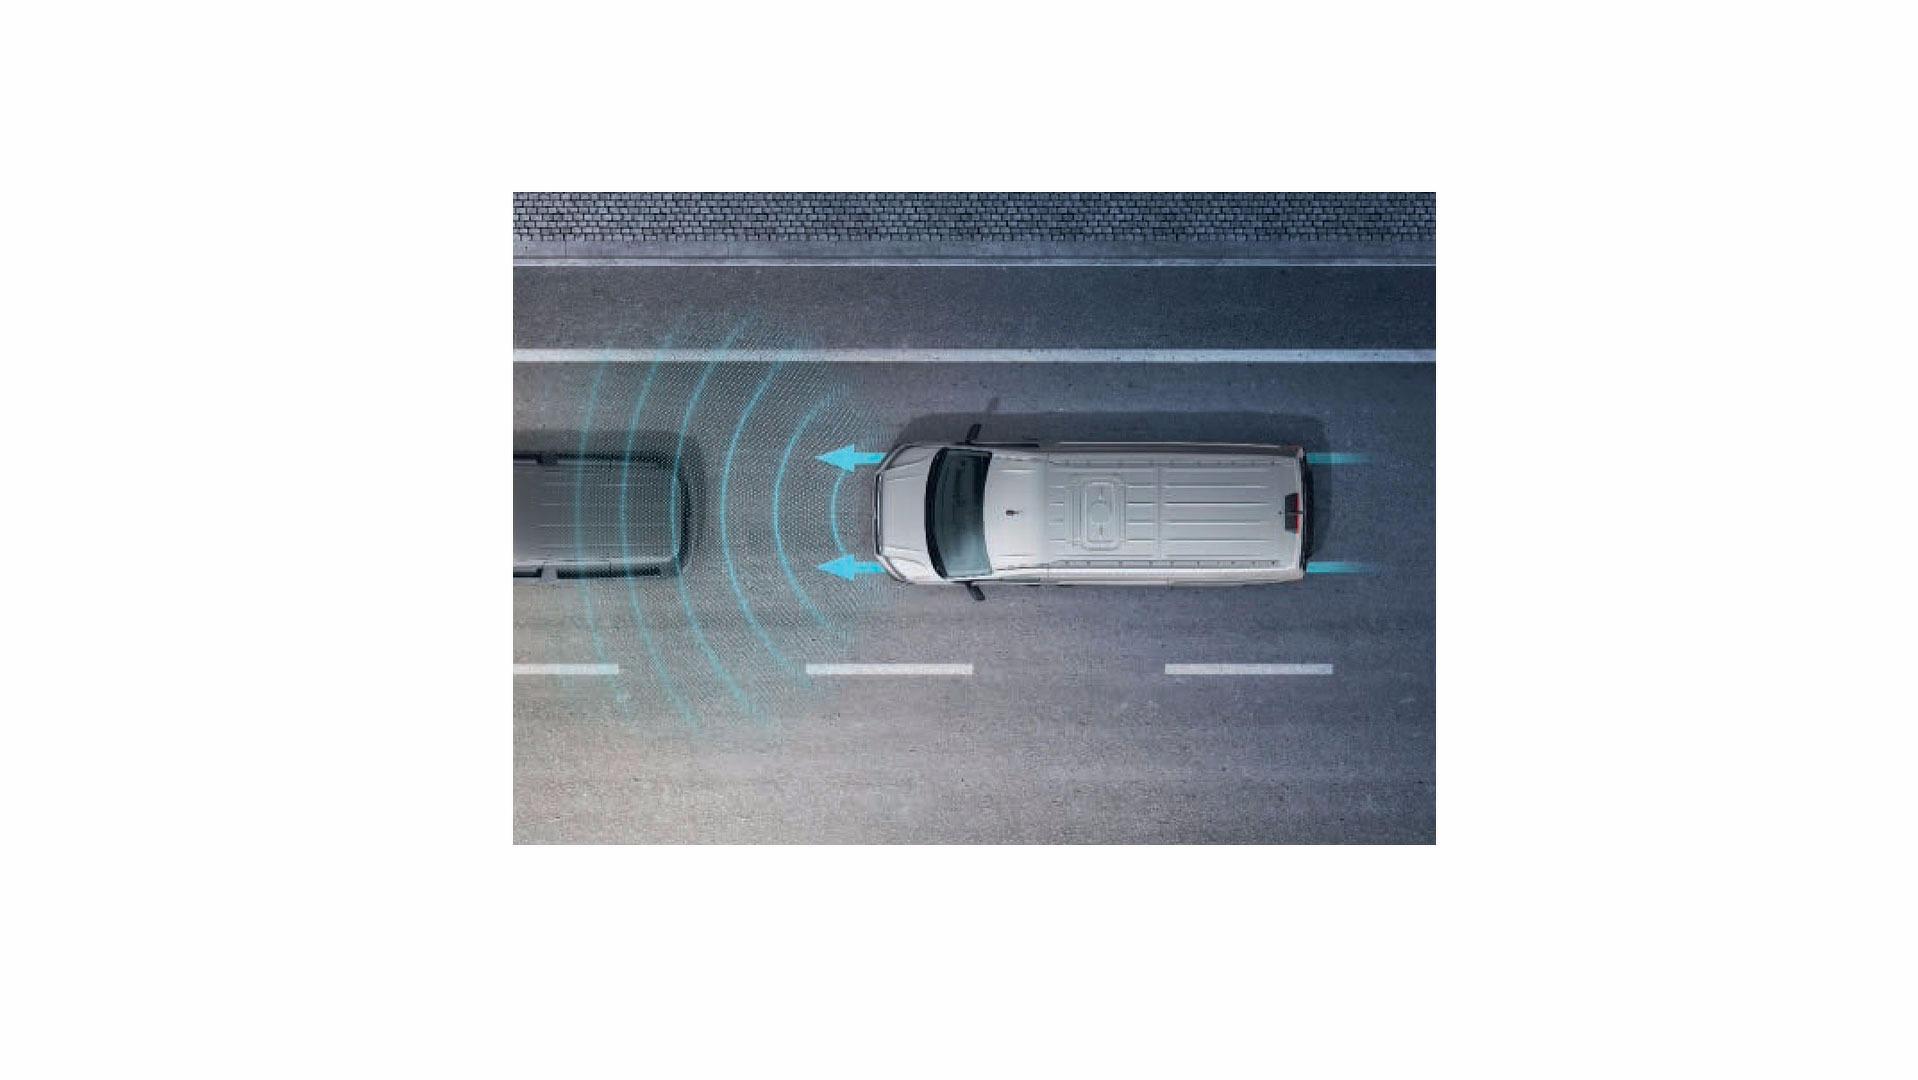 Photo of VW acil fren desteği sistemini ticari araçlarda standart olarak sunacak